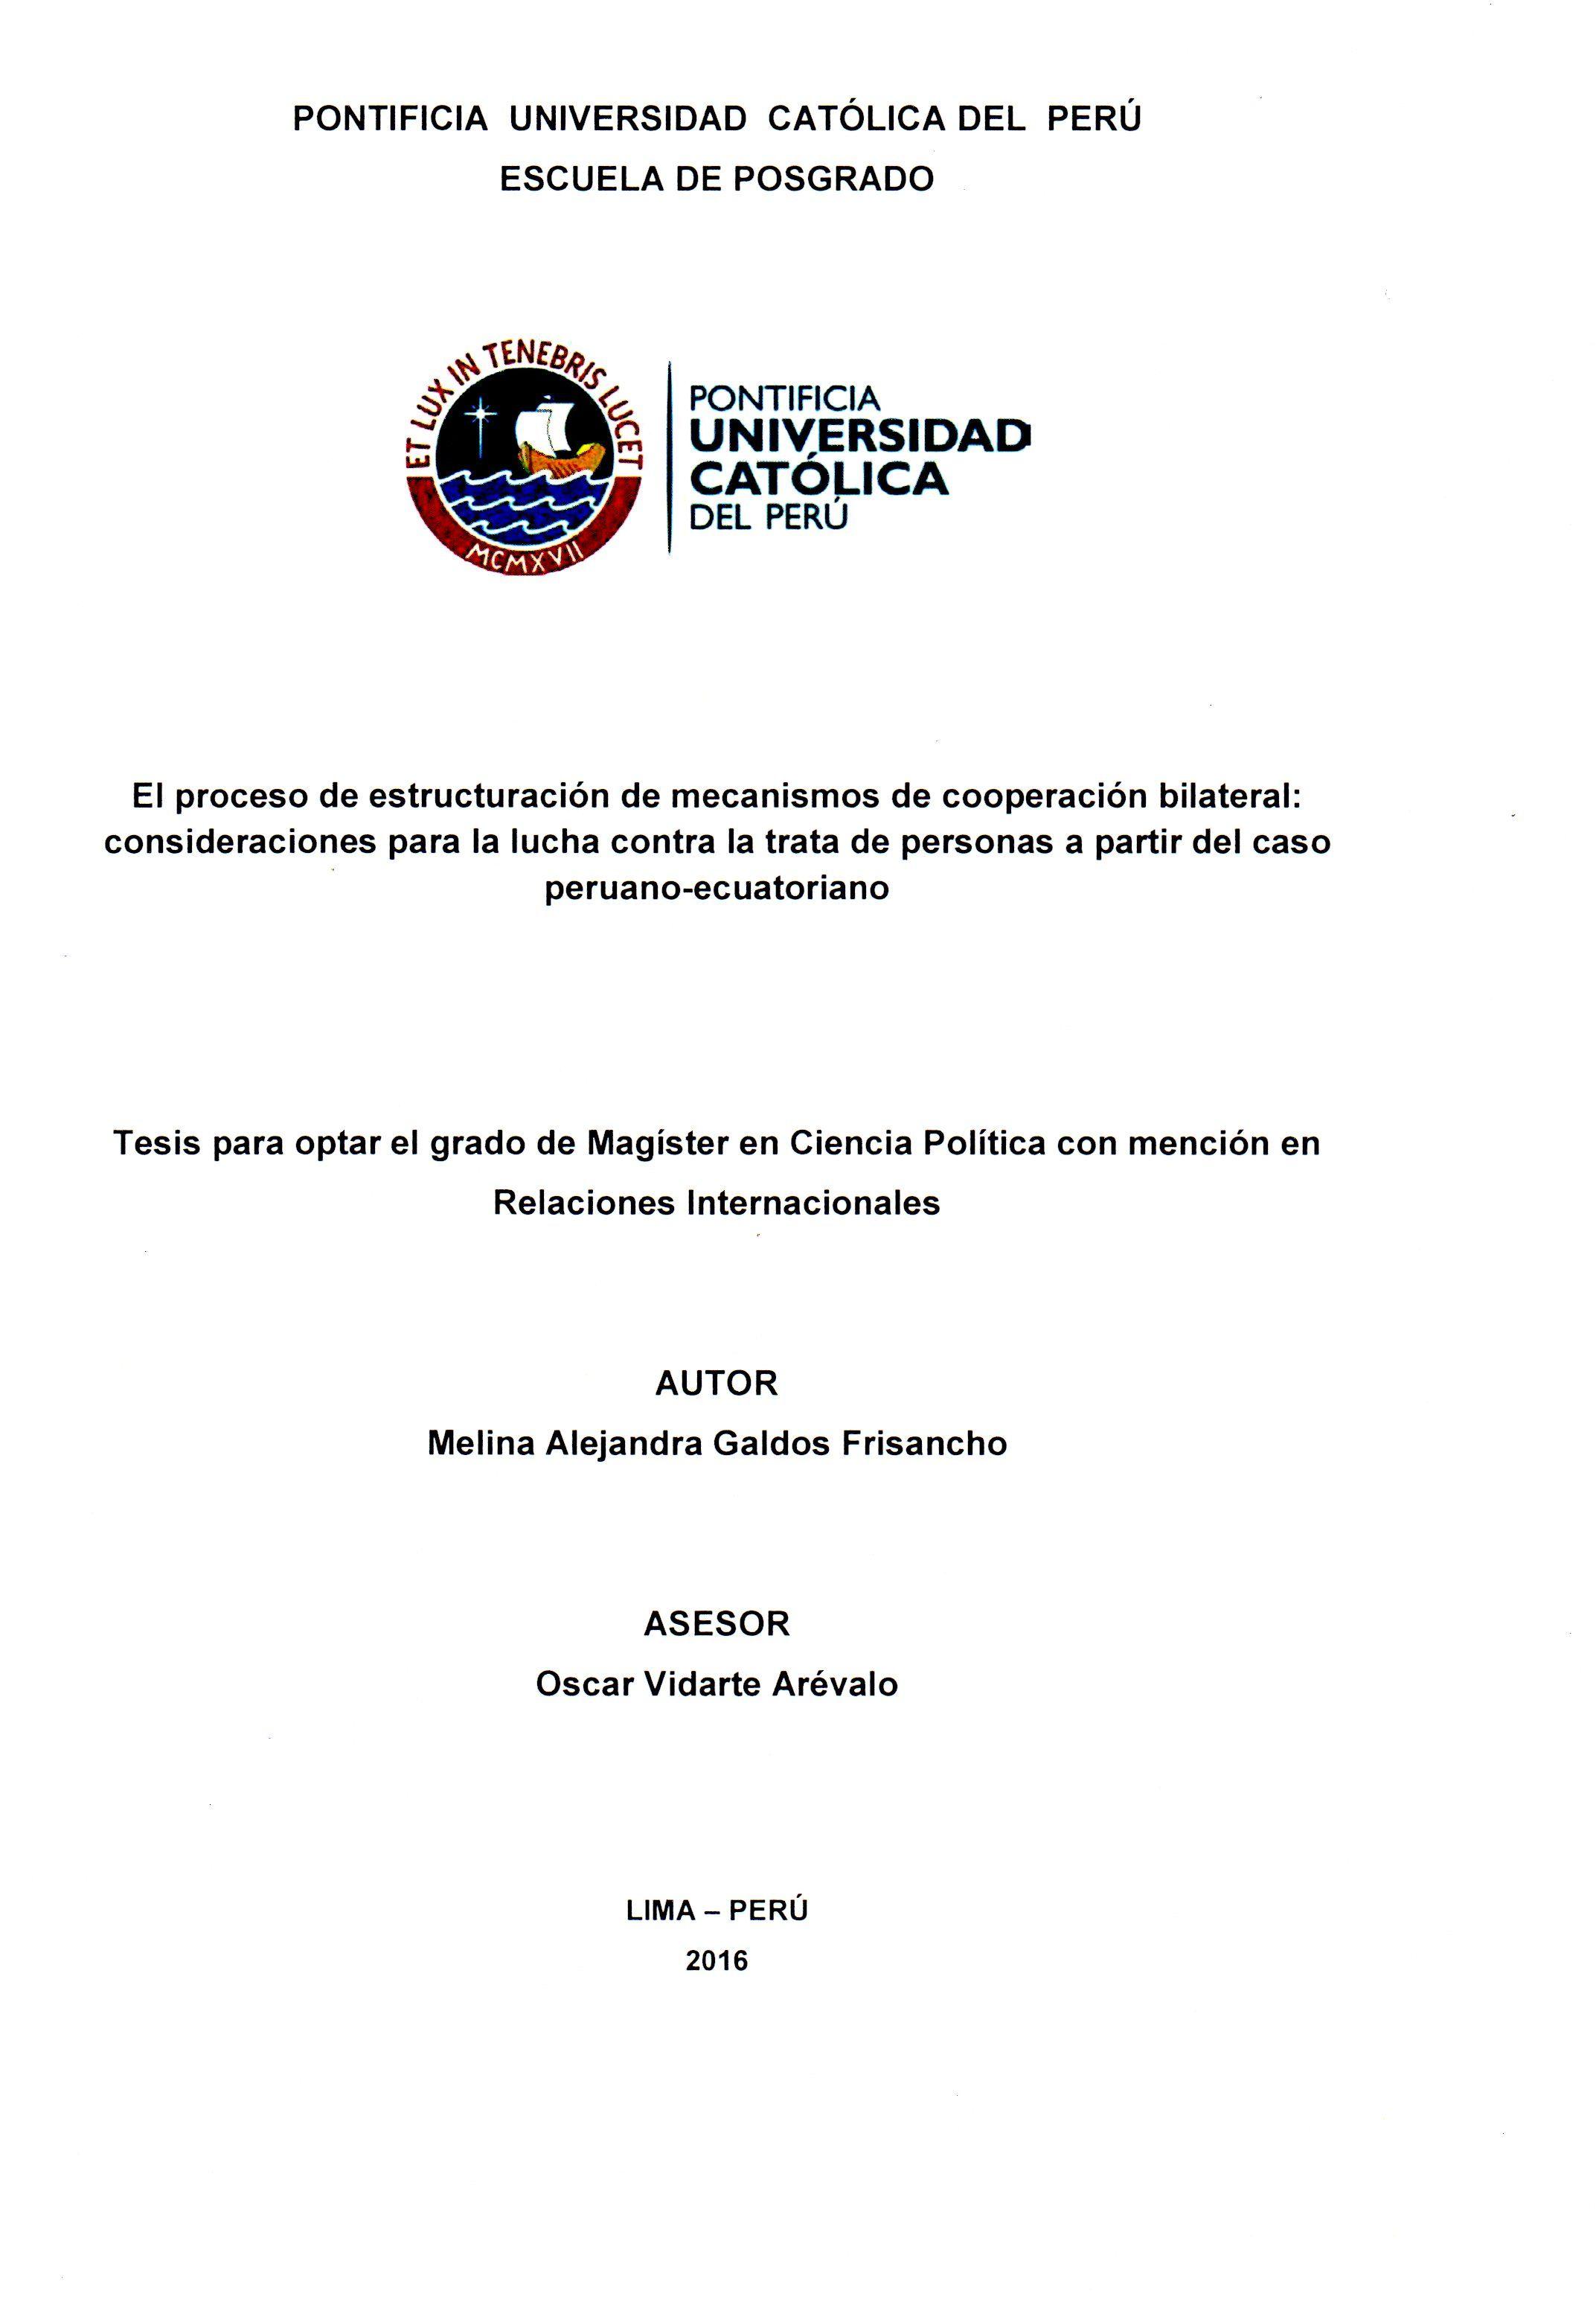 El proceso de estructuración de mecanismos de cooperación bilateral : consideraciones para la lucha contra la trata de personas a partir del caso peruano-ecuatoriano / Melina Alejandra Galdos Frisancho (2016) / HQ 281 G18